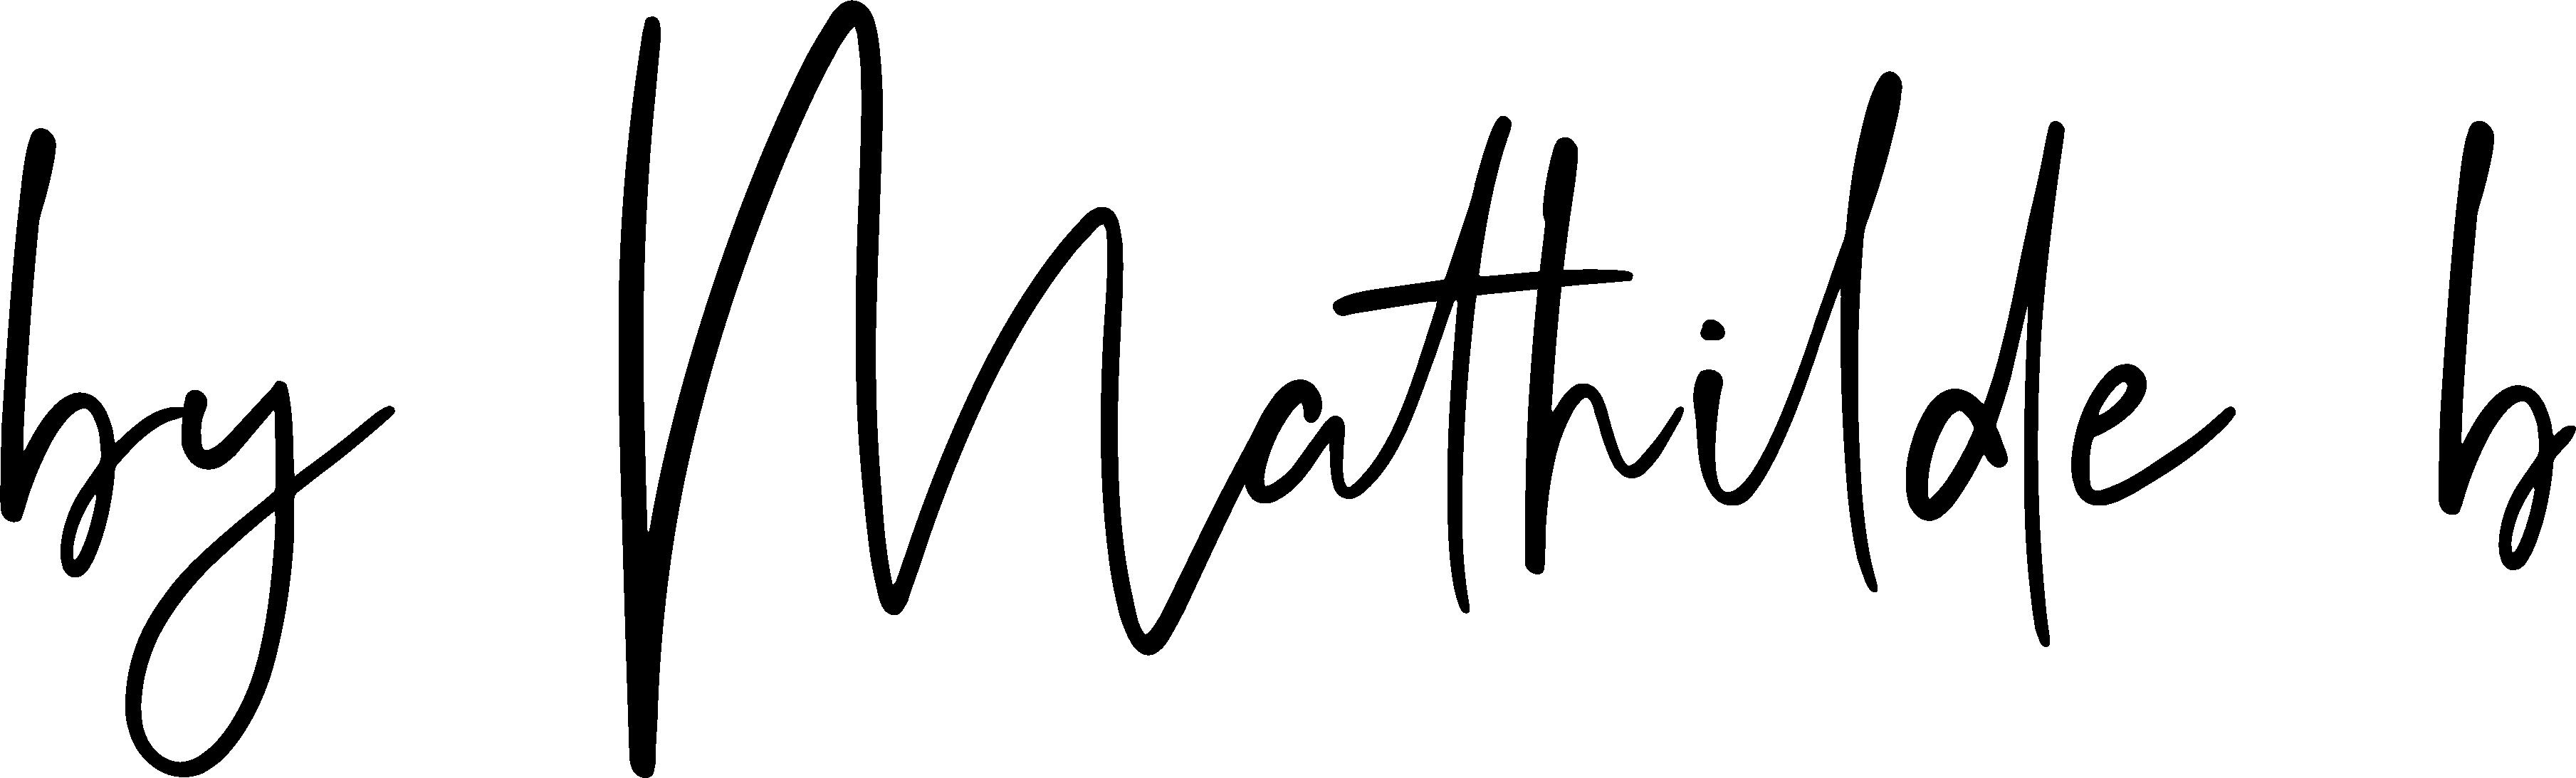 Bymathildeb